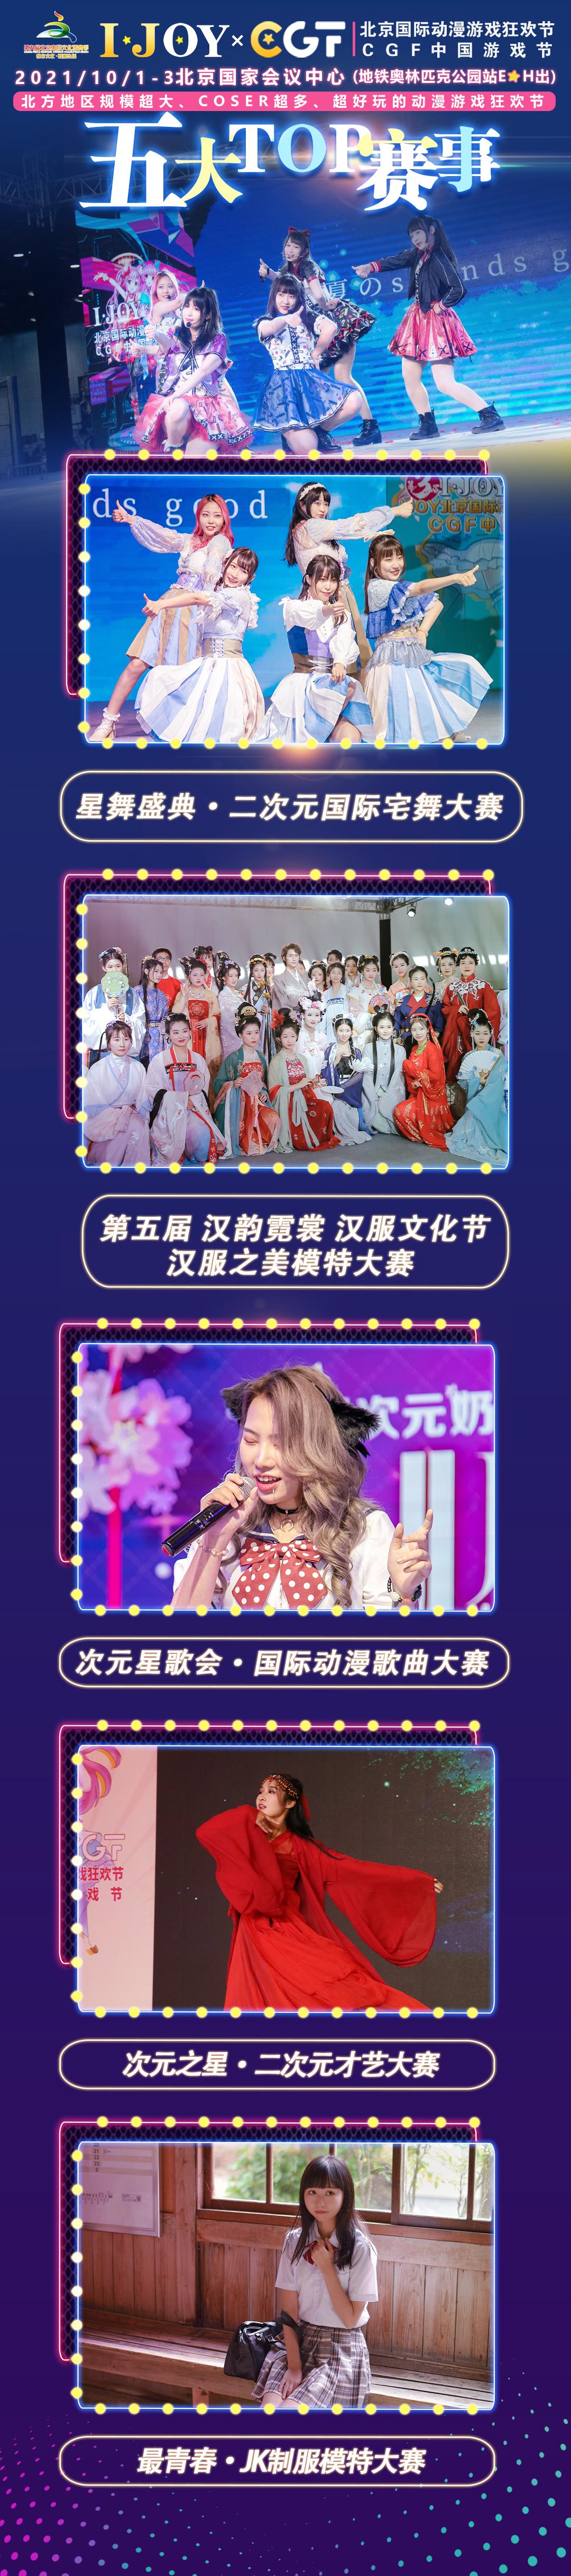 2021北京国庆第五届IJOY×CGF北京大型二次元狂欢节